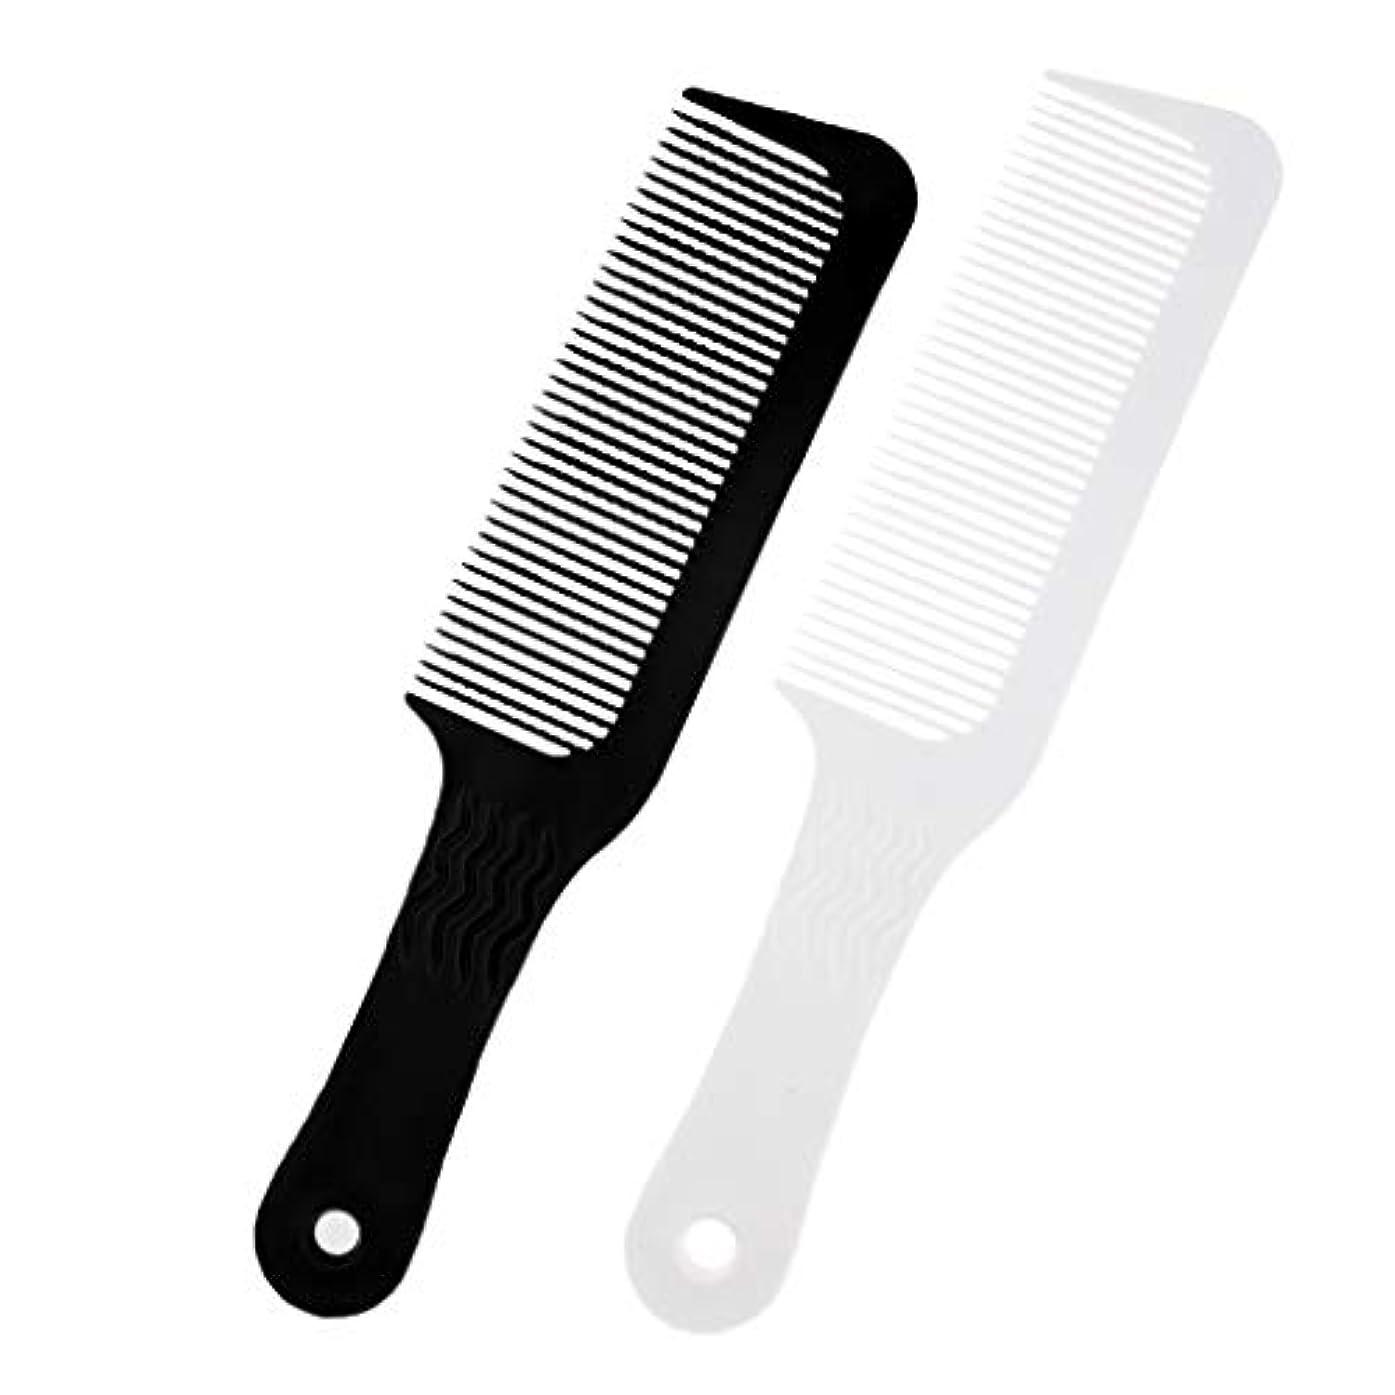 消化汚す杭Toygogo プロ3ピース理髪サロンフラットトップクリッパーくし美容師スタイリング切削デタングルブラシツール